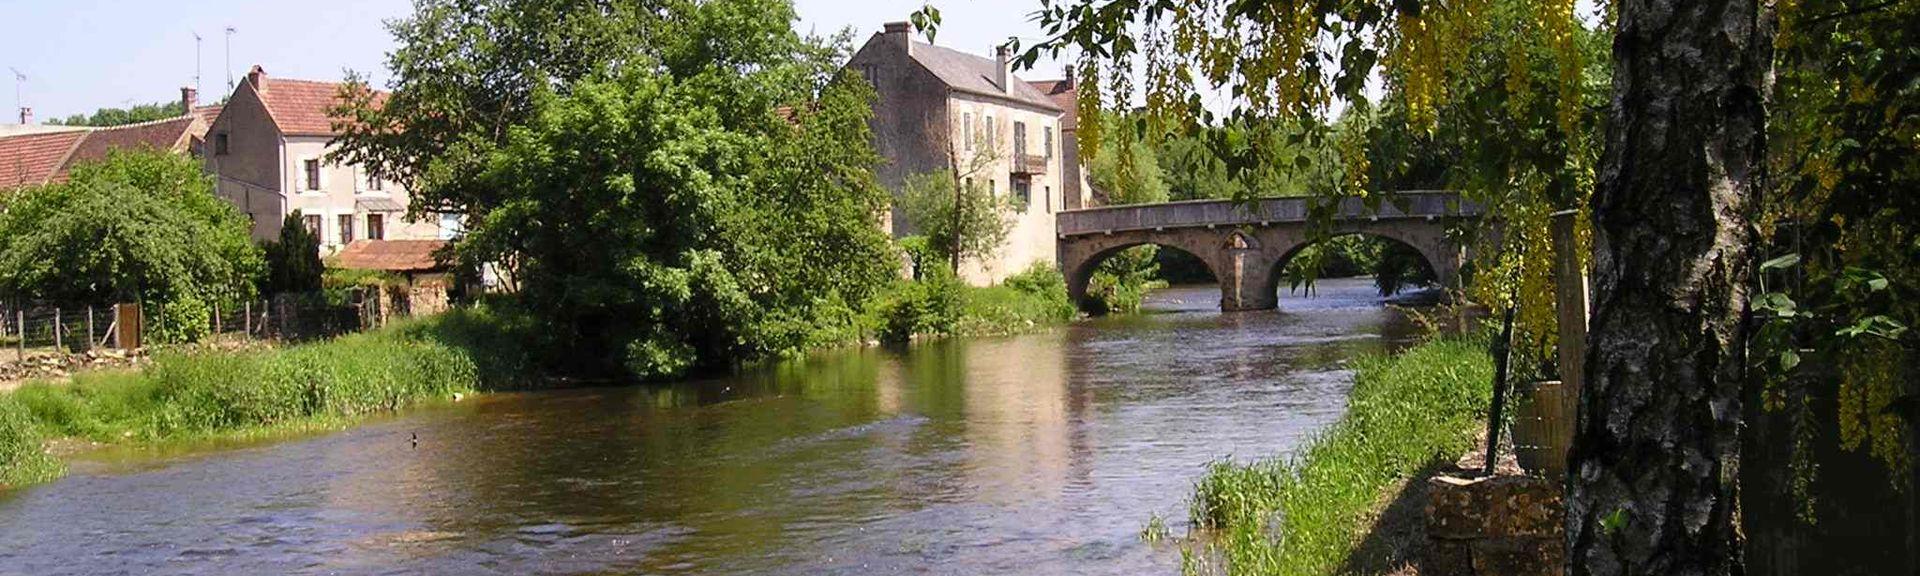 Crain, Yonne, France